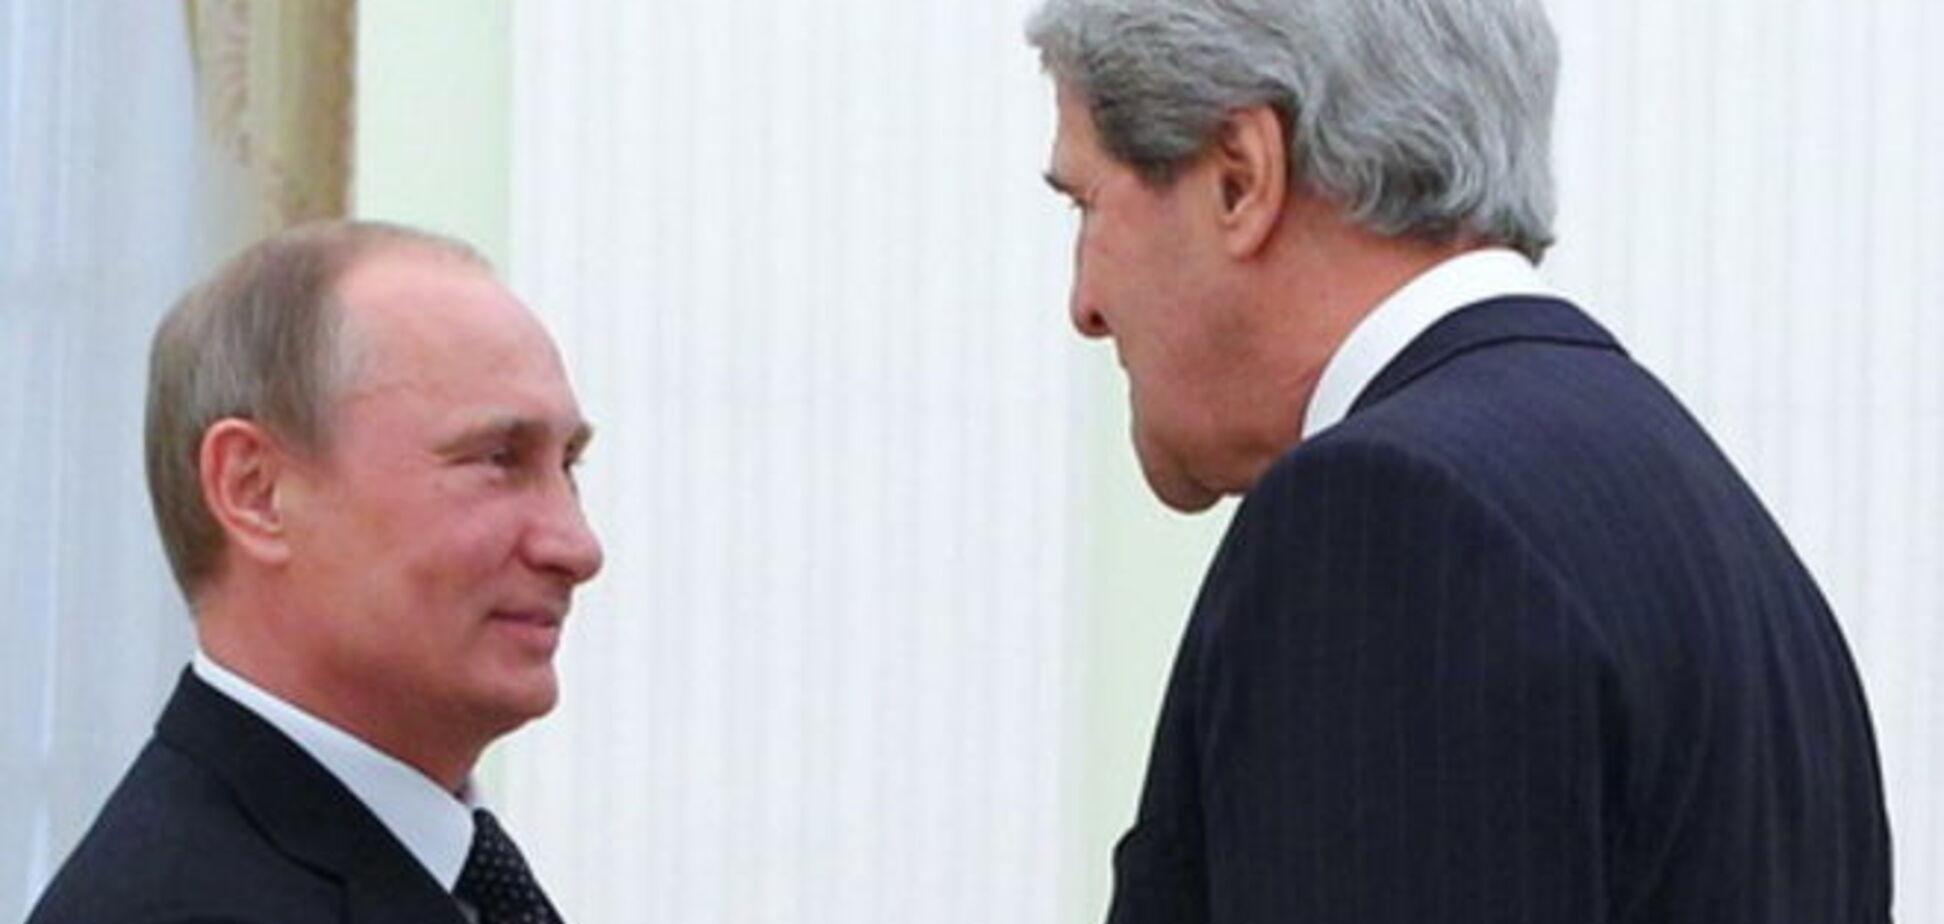 На встрече с Керри Путин сдался